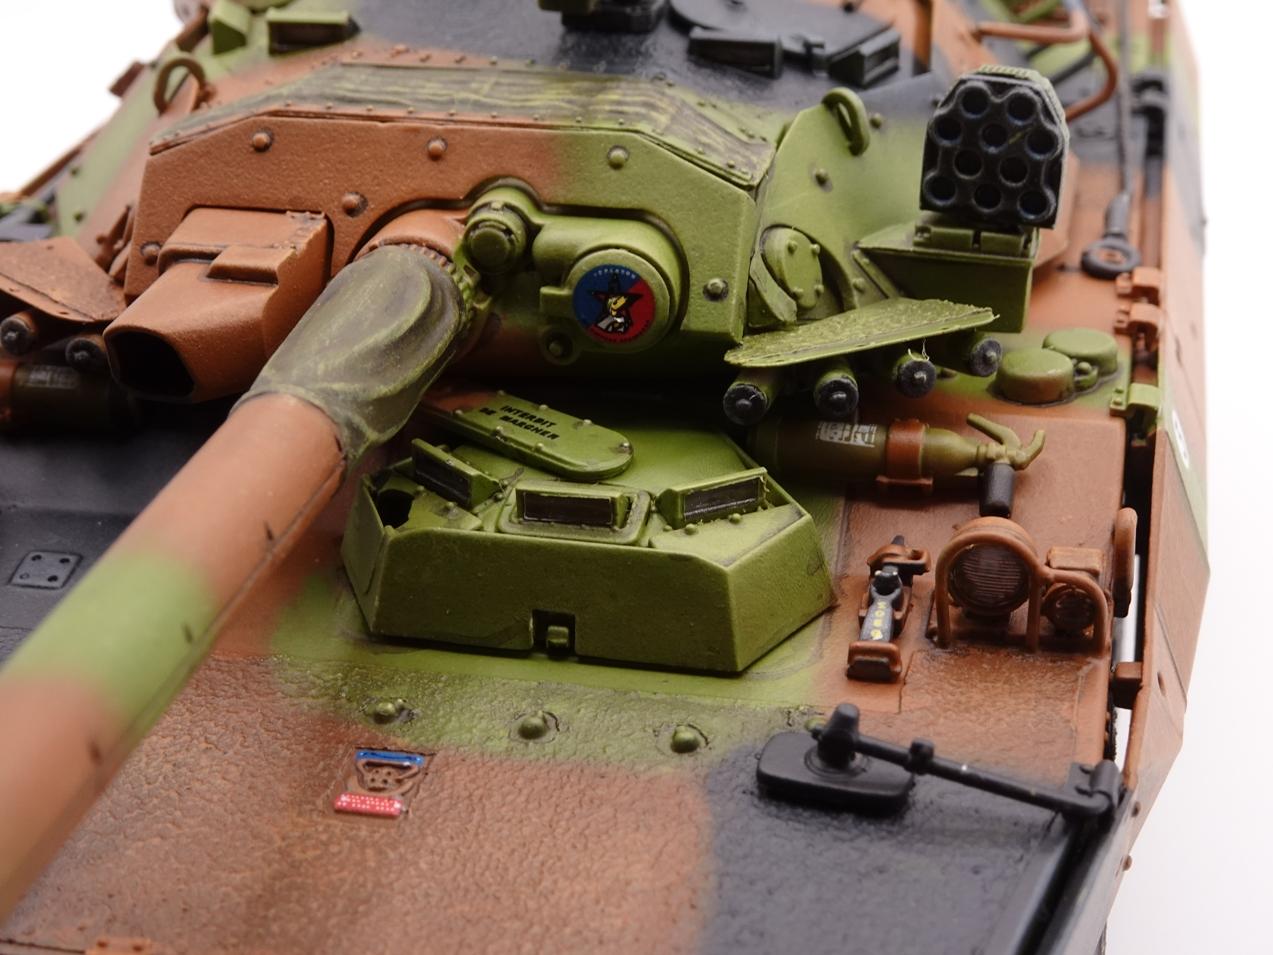 [Tiger Model] AMX-10RCR réf. 4602 - 1/35 - Page 4 Amx10-fin-11